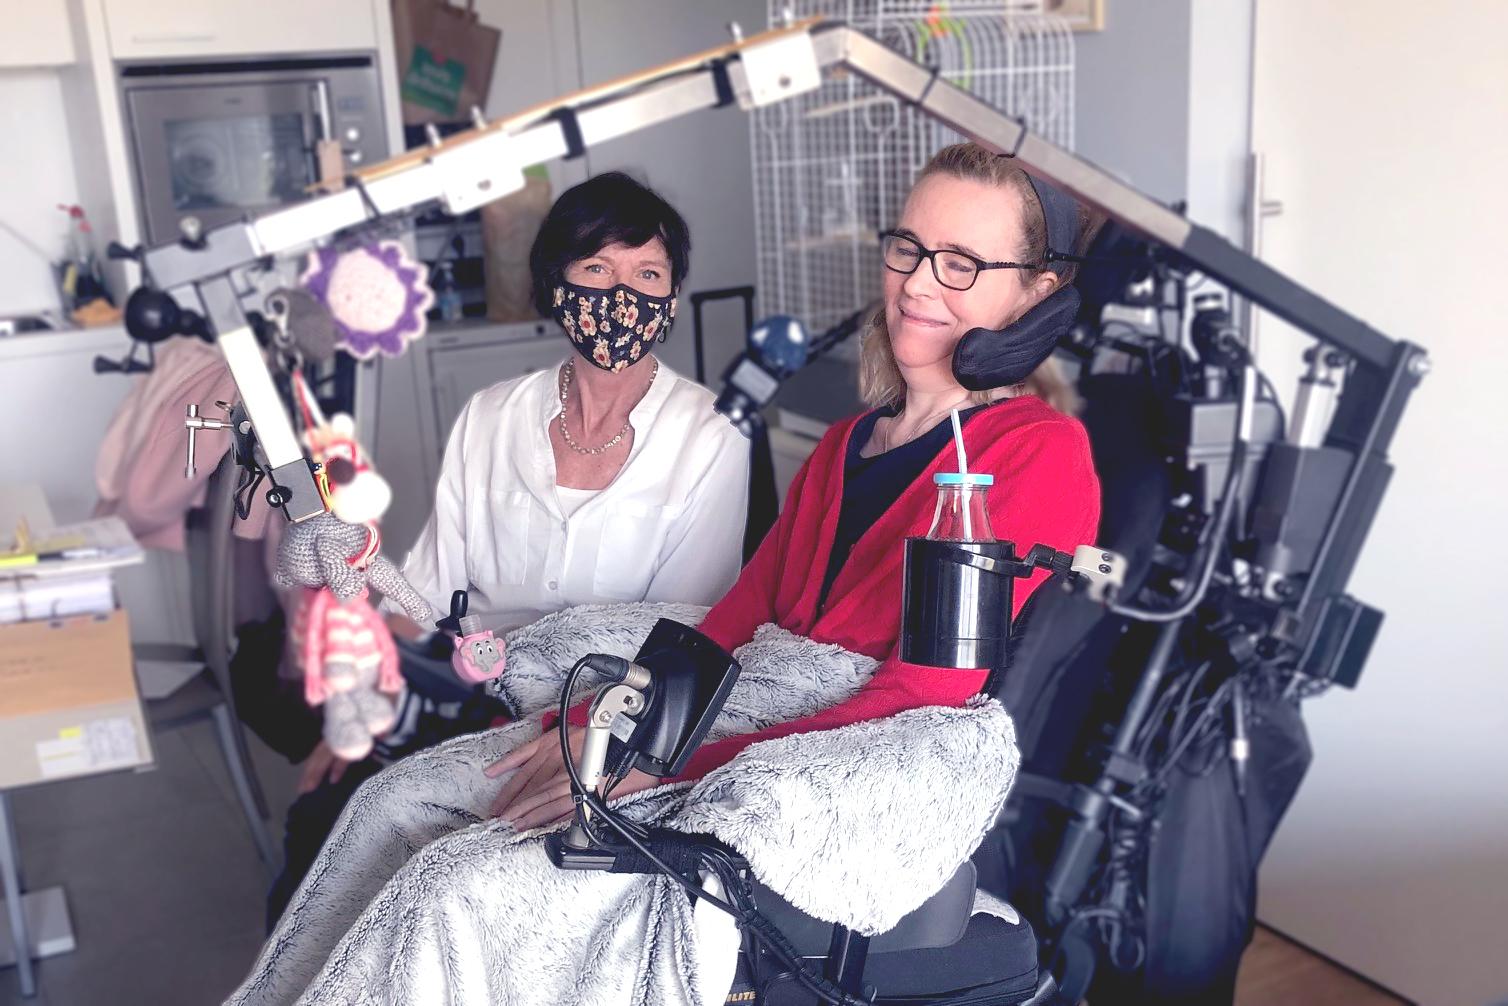 2 vrouwen waarvan 1 in rolwagen met hulpmiddel ©xTimeS